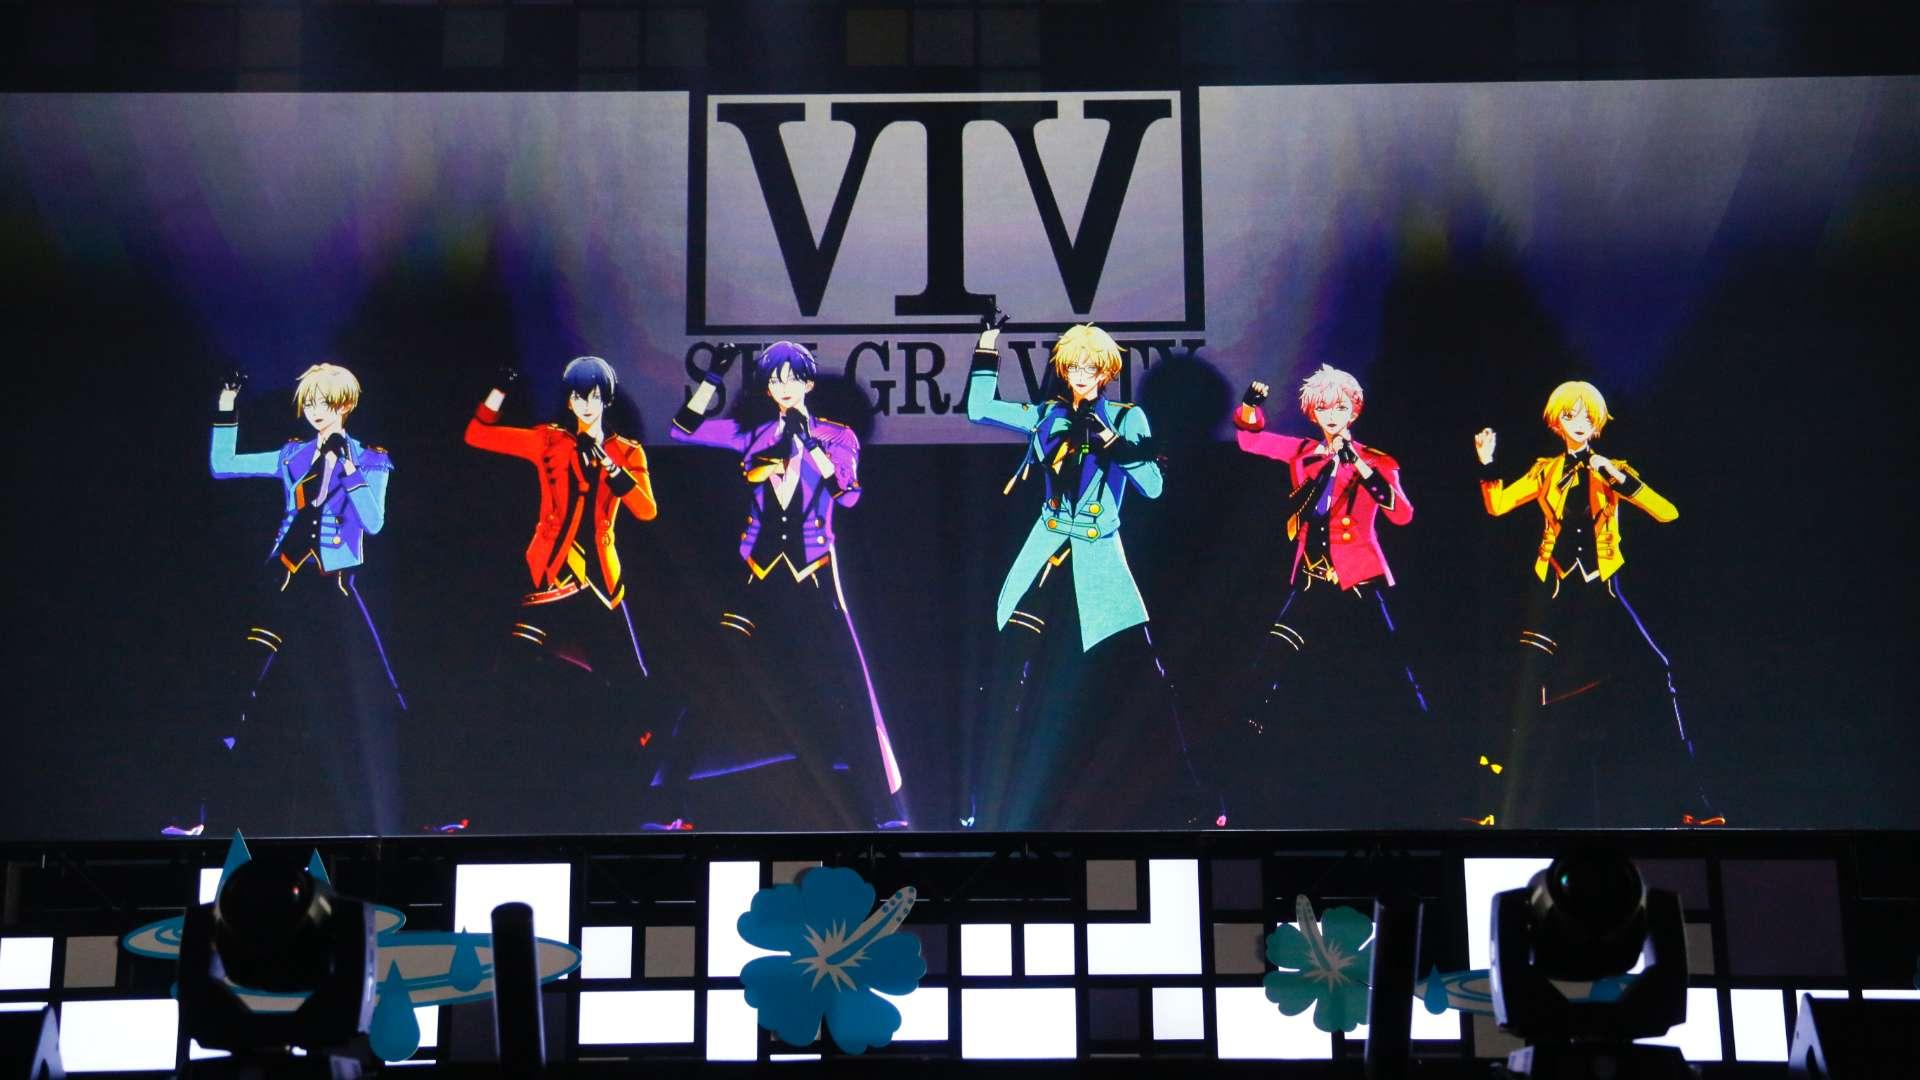 ツキウタ。Miracle Moon Festival -TSUKIUTA. VIRTUAL LIVE 2019 Four Seasons-